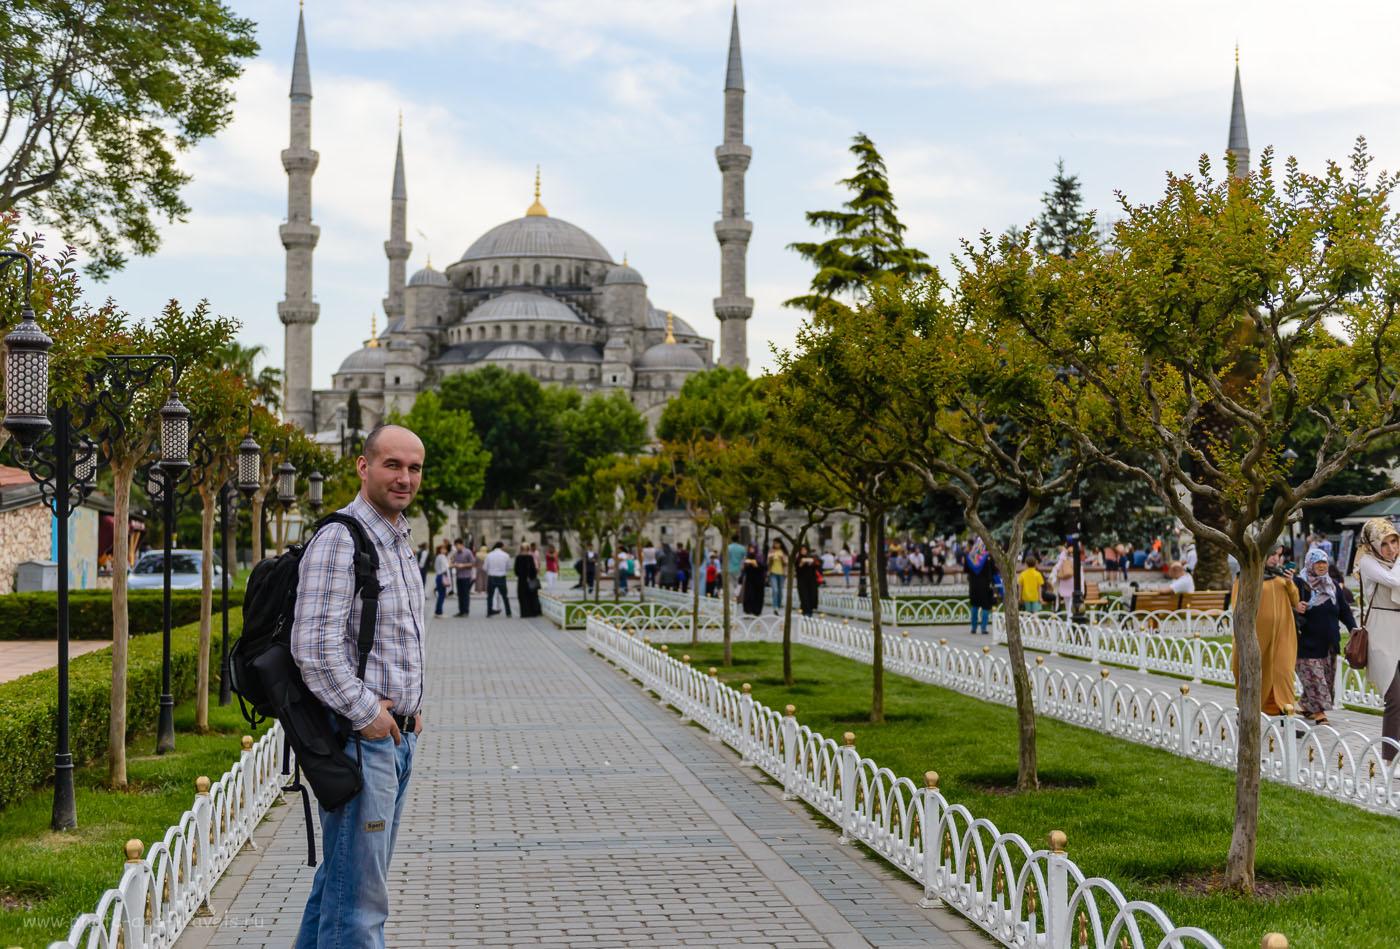 Фото 1. Во все путешествия я беру с собой фоторюкзак и штатив. Данный кадр снят в Стамбуле во время поездки по Турции на машине весной 2016.